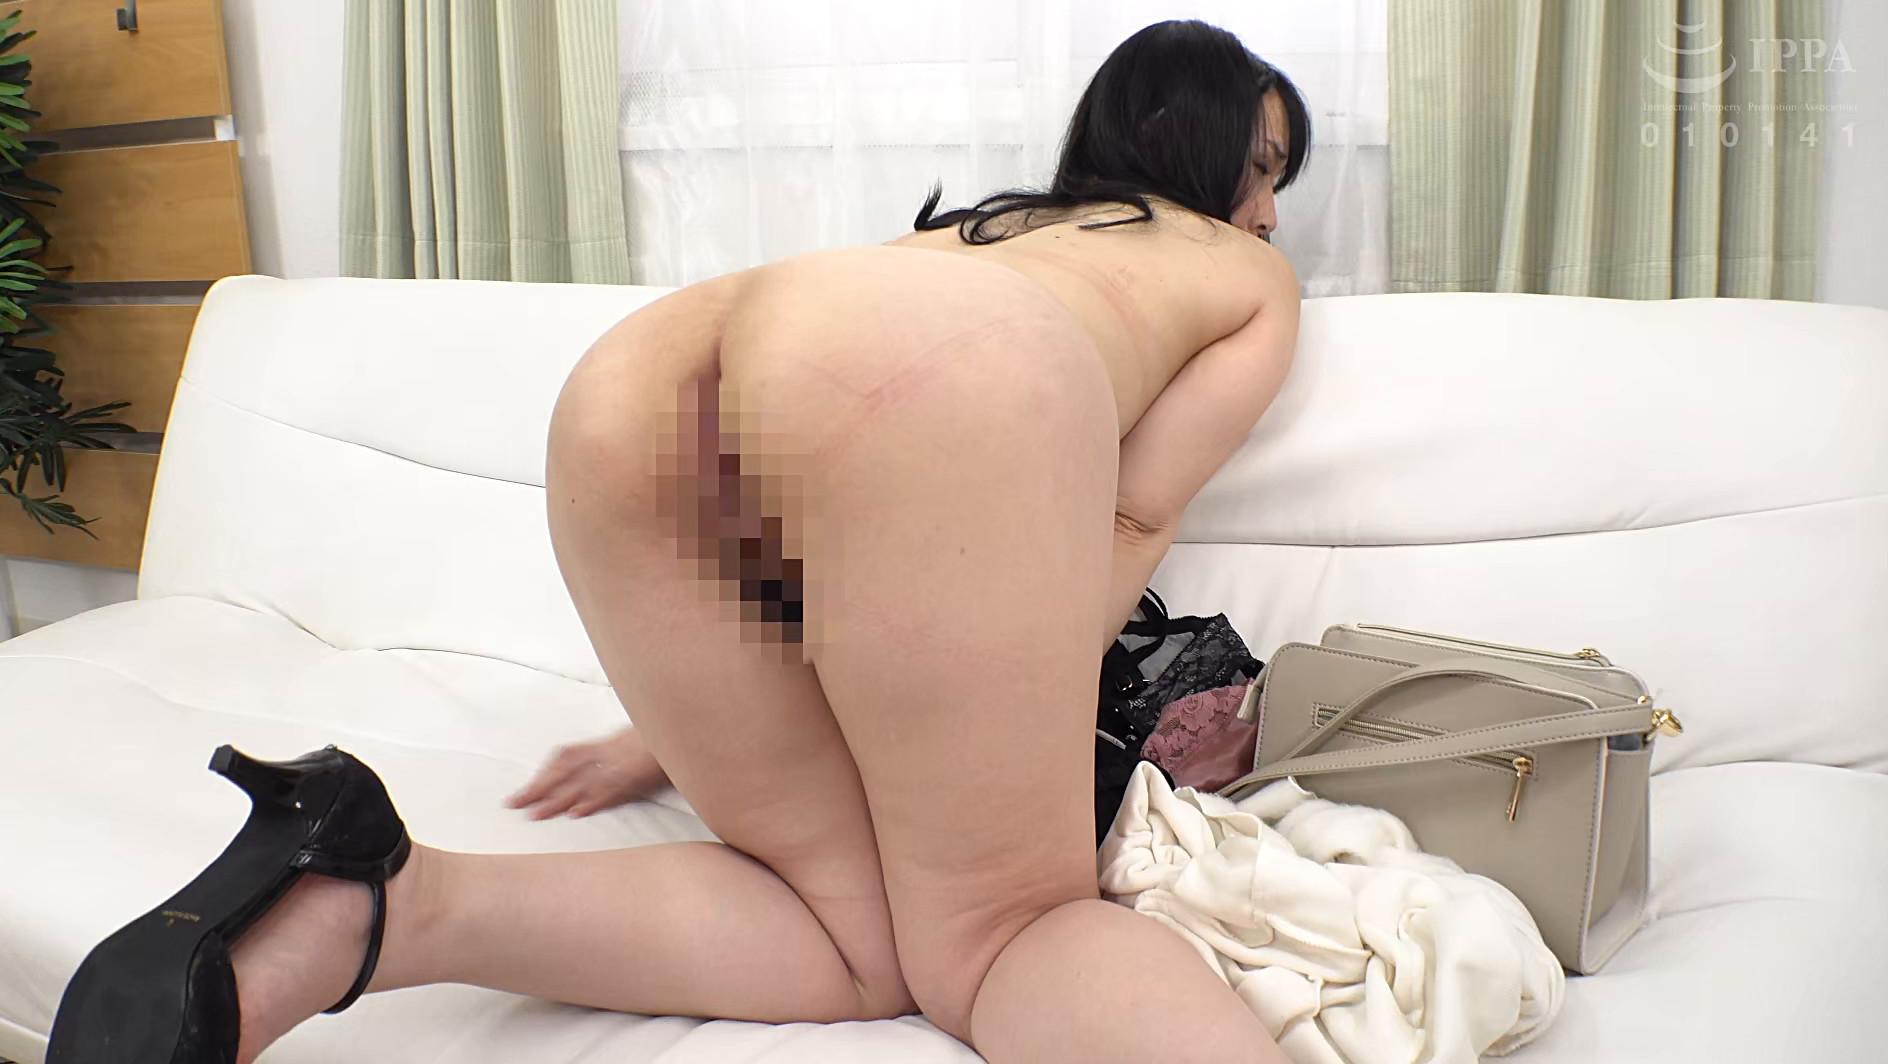 人妻なのにオスのチ〇ポと交尾のない毎日で獣なみに発情中です。 田中美矢 画像8